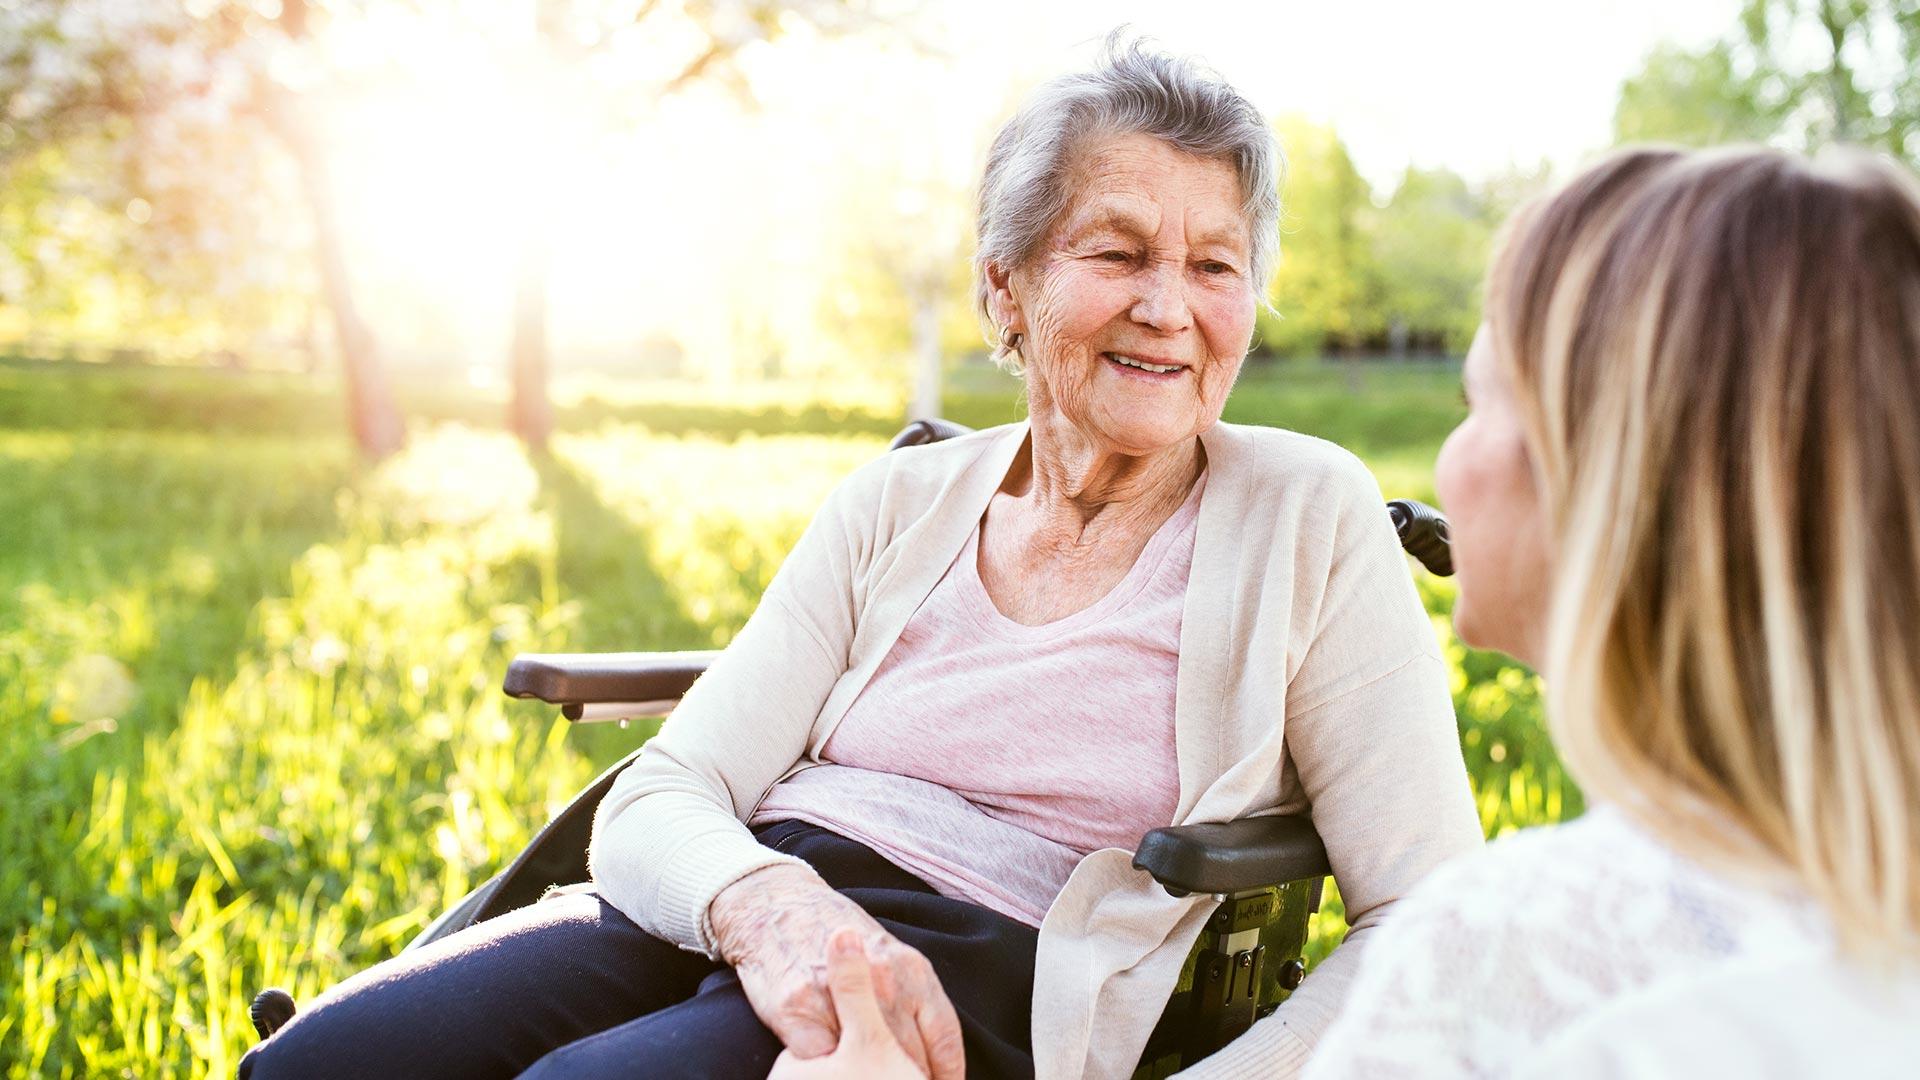 Pflegeliebling - Betreuungs- und Entlastungsleistungen sowie vielfältige Angebote zur Unterstützung im Alltag